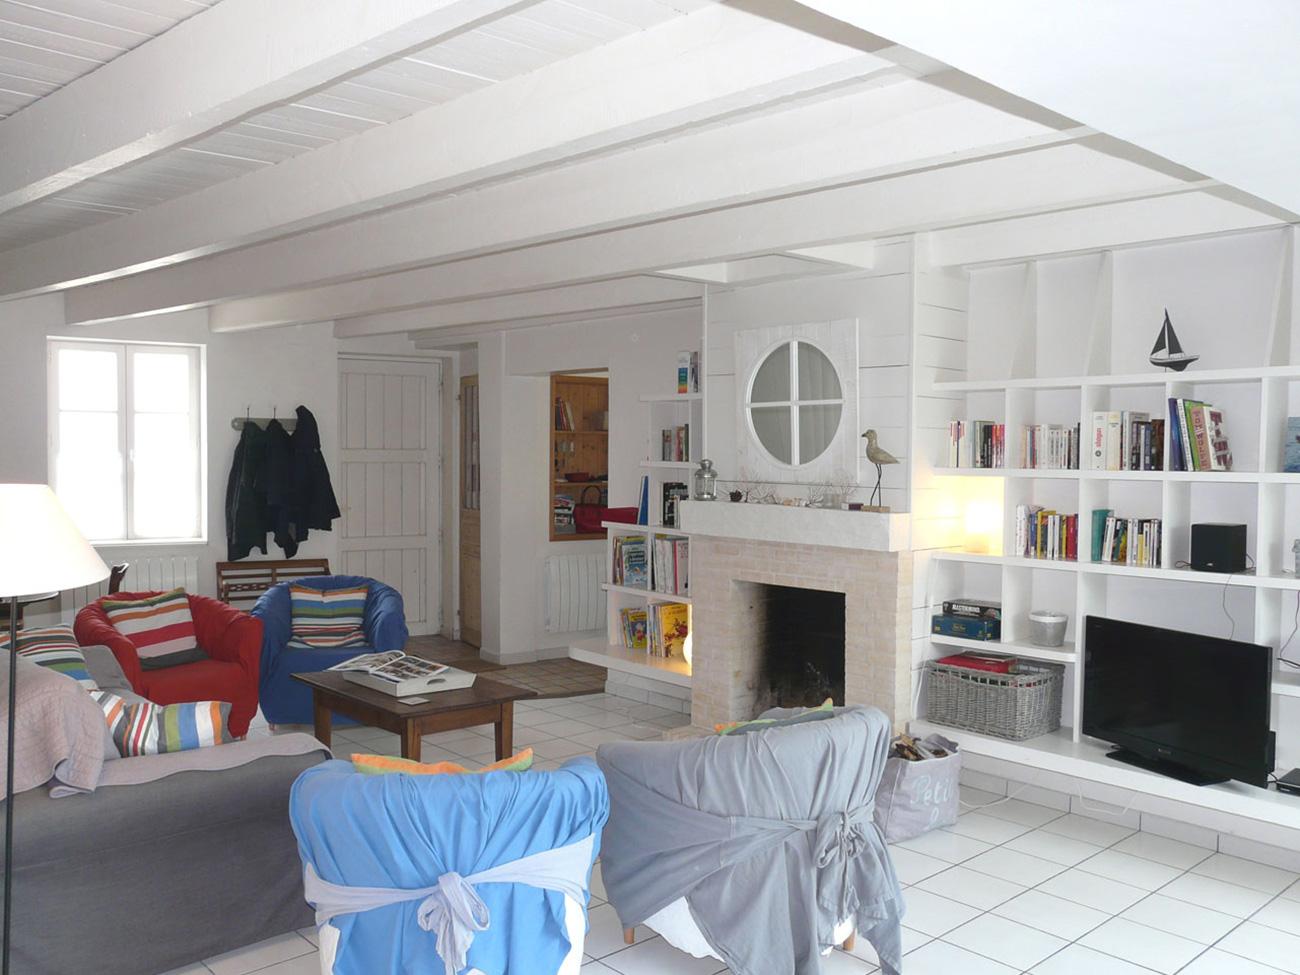 Location Maison Ile de Ré - Fleur-de-sel - Salon